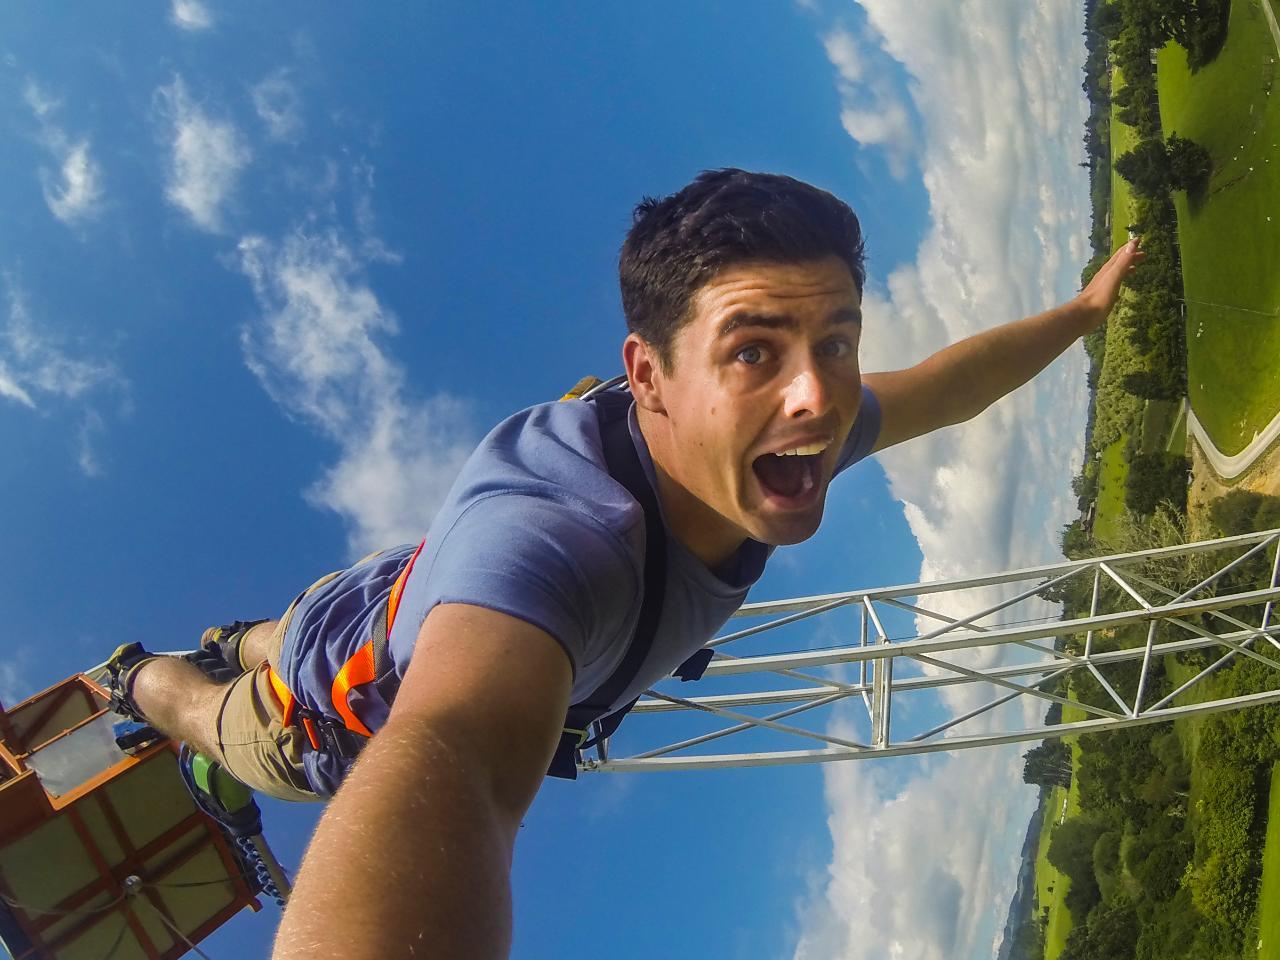 Rotorua Bungy Jump